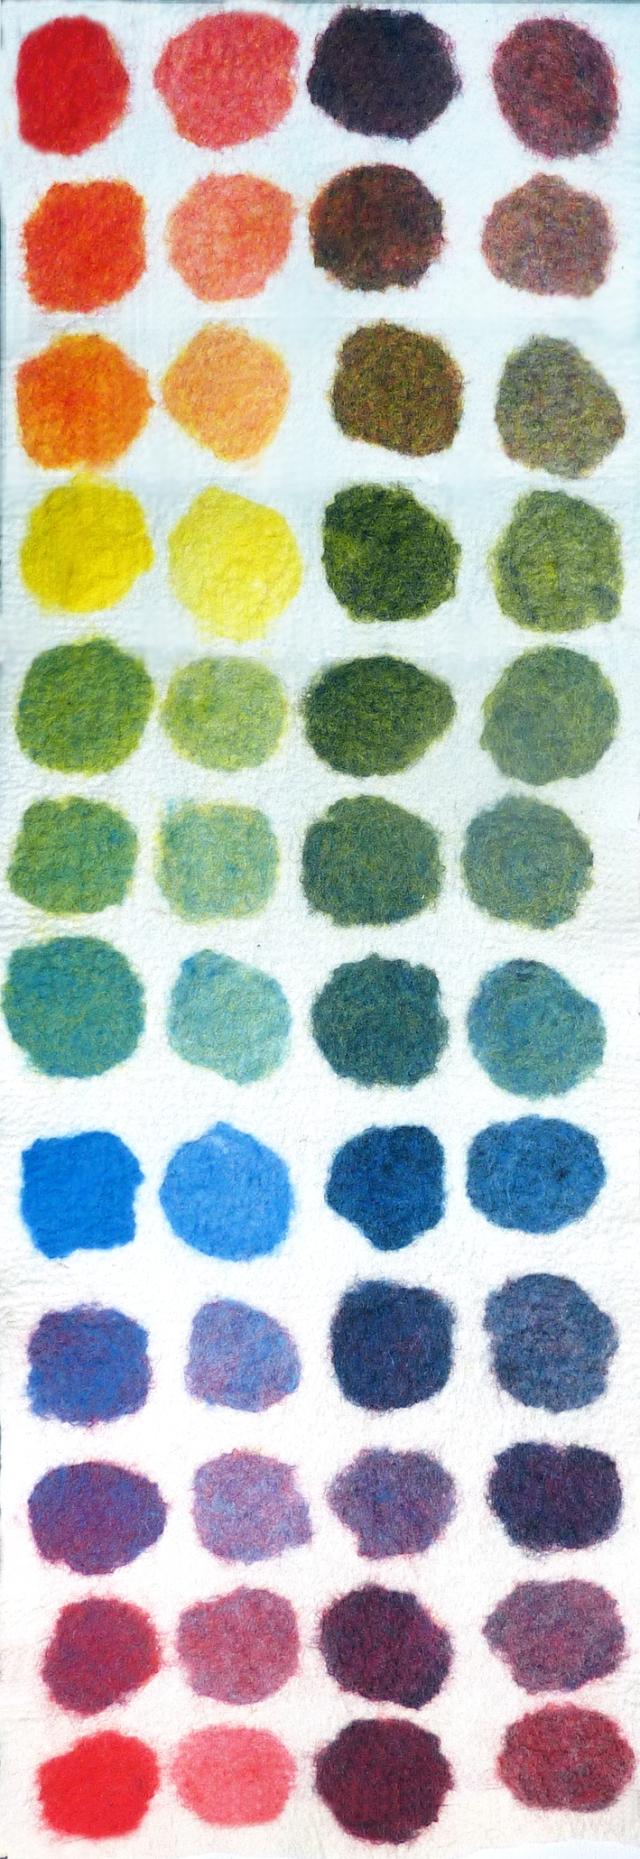 colour mixing palette